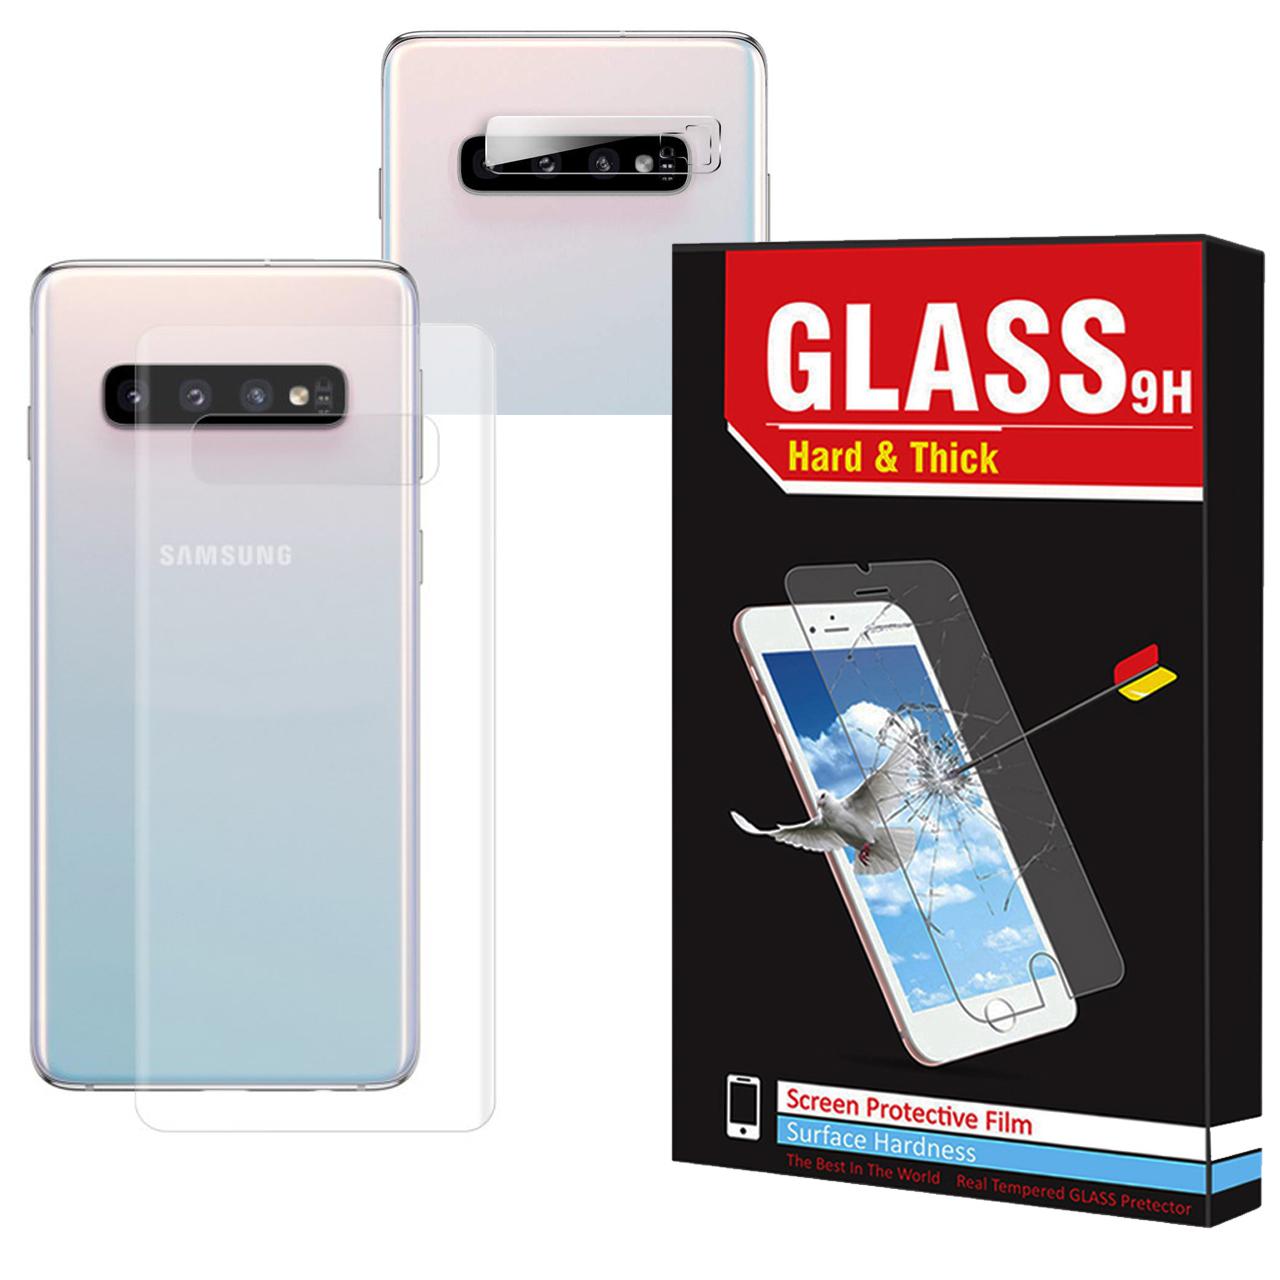 محافظ پشت گوشی  Hard and Thick مدل B-002 مناسب برای گوشی موبایل سامسونگ Galaxy S10 Plus به همراه محافظ لنز دوربین